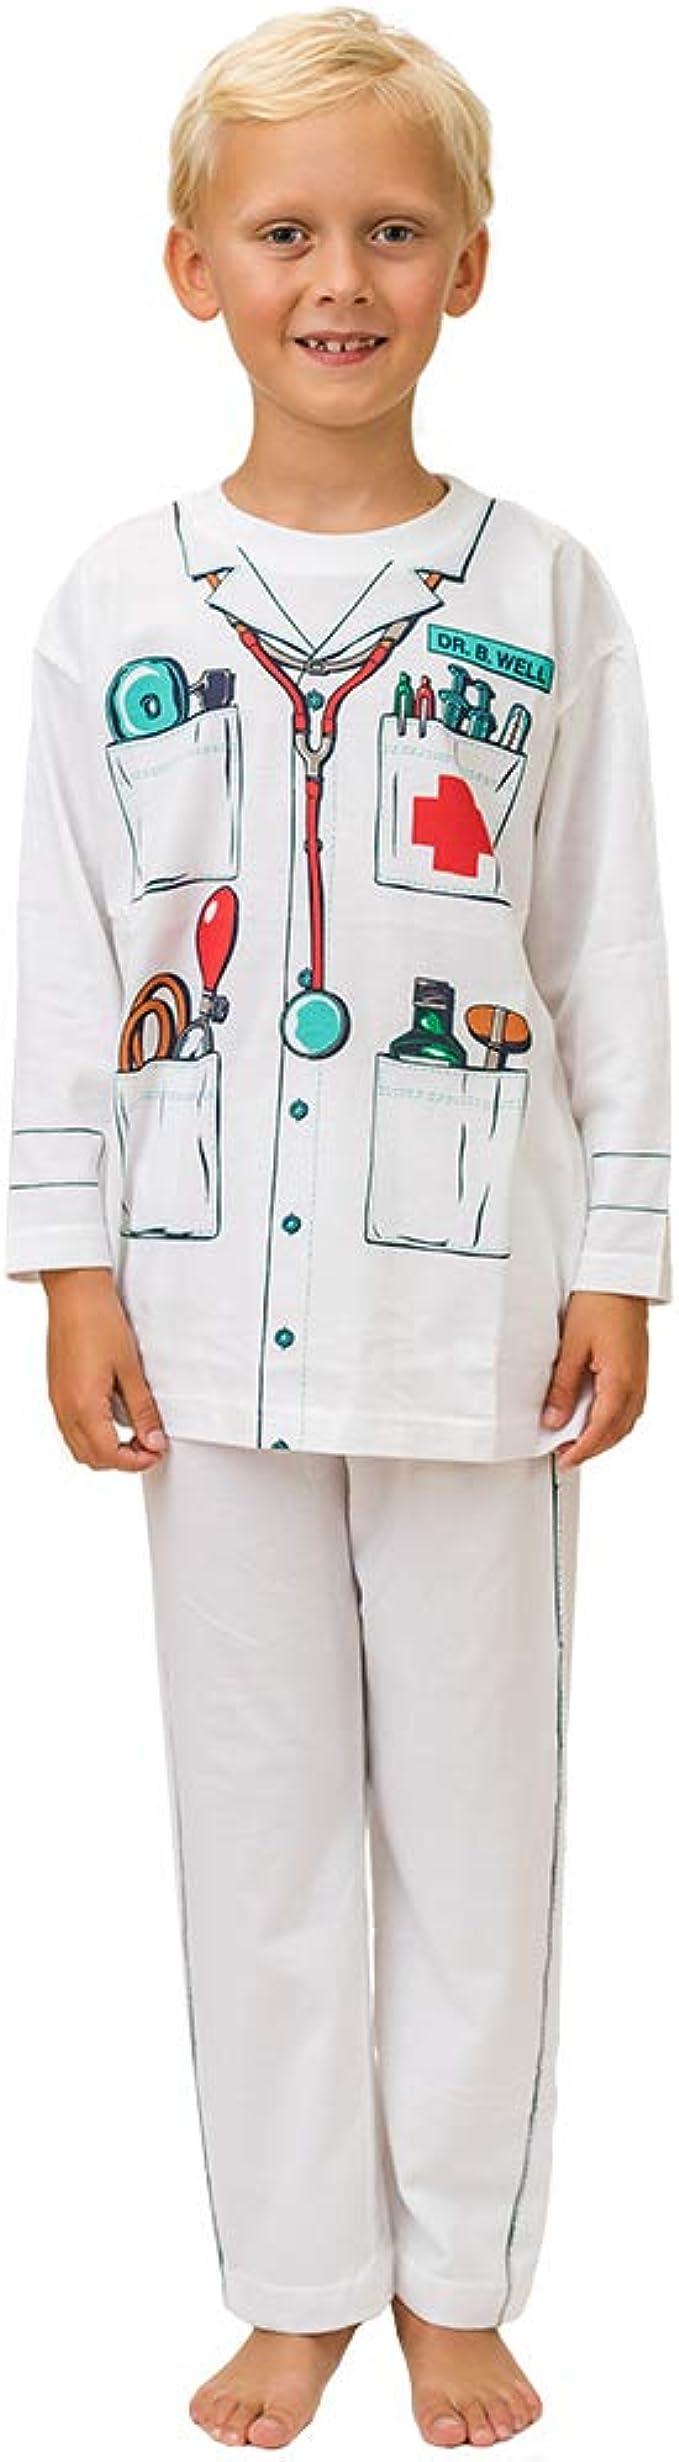 Pijama de Médico y Ropa Casera Divertida (7-8 Anõs): Amazon.es ...